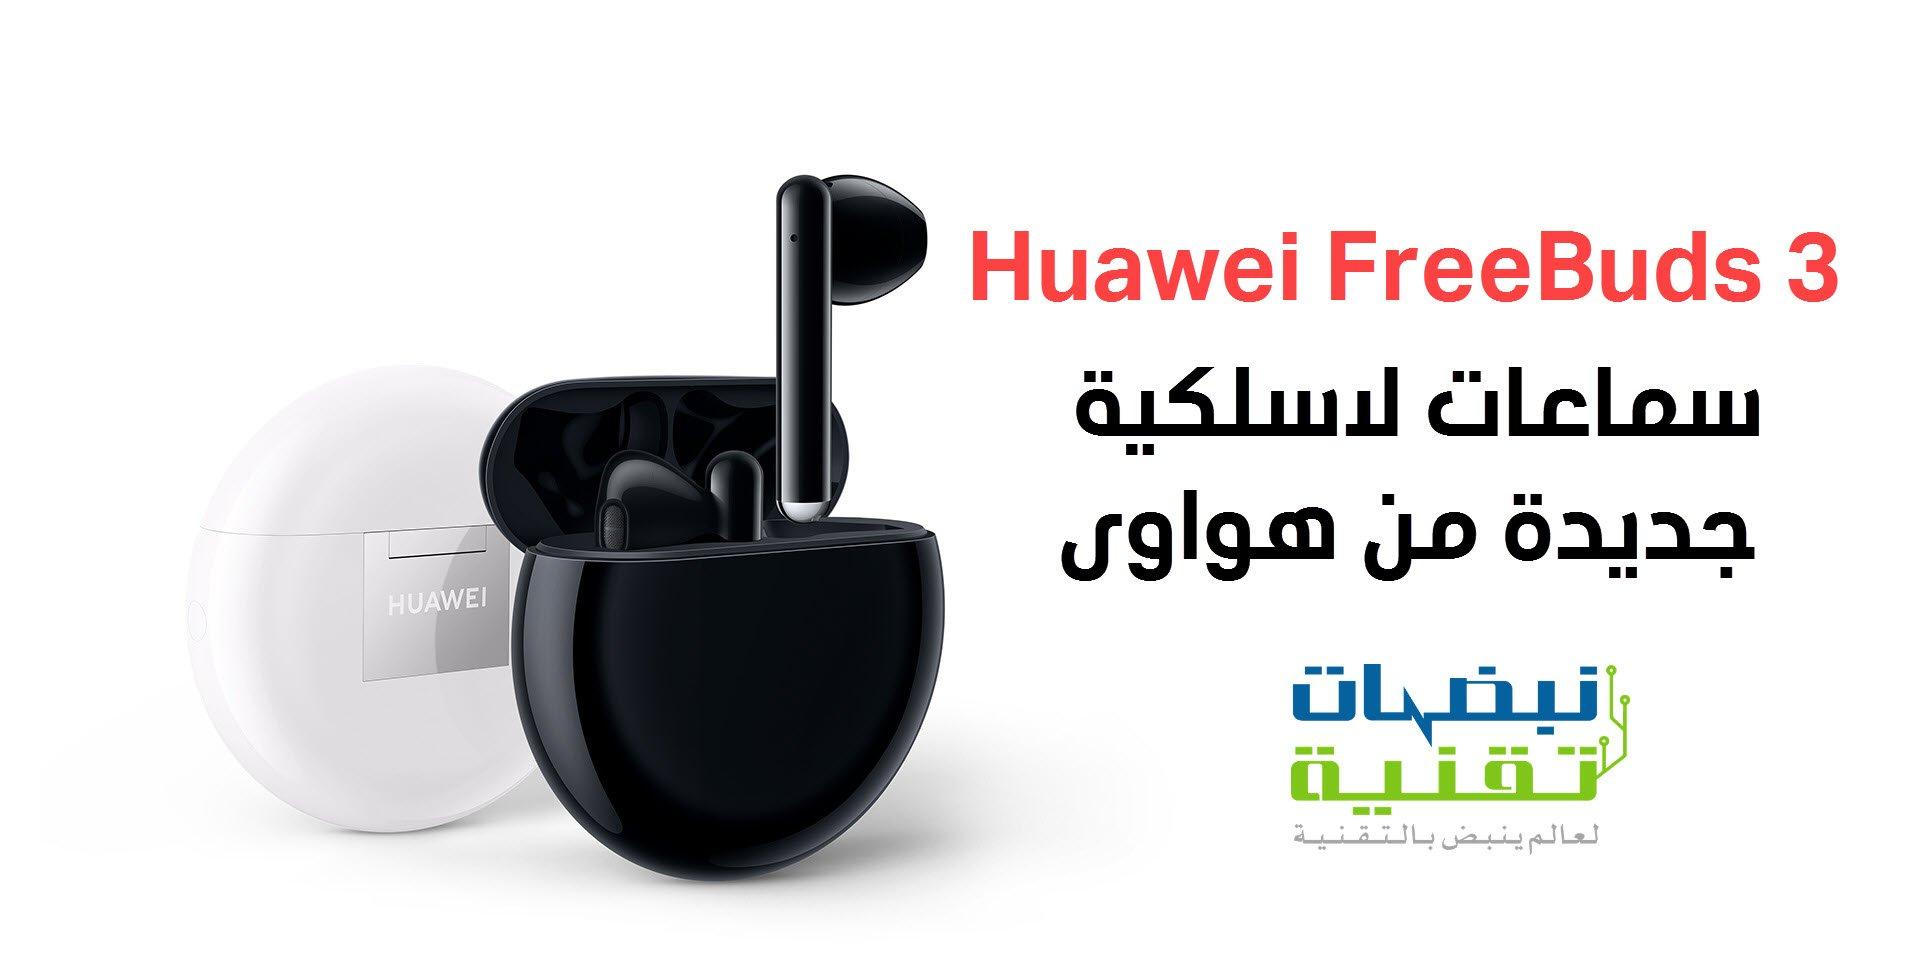 سماعات لاسكلية جديدة Huawei FreeBuds 3